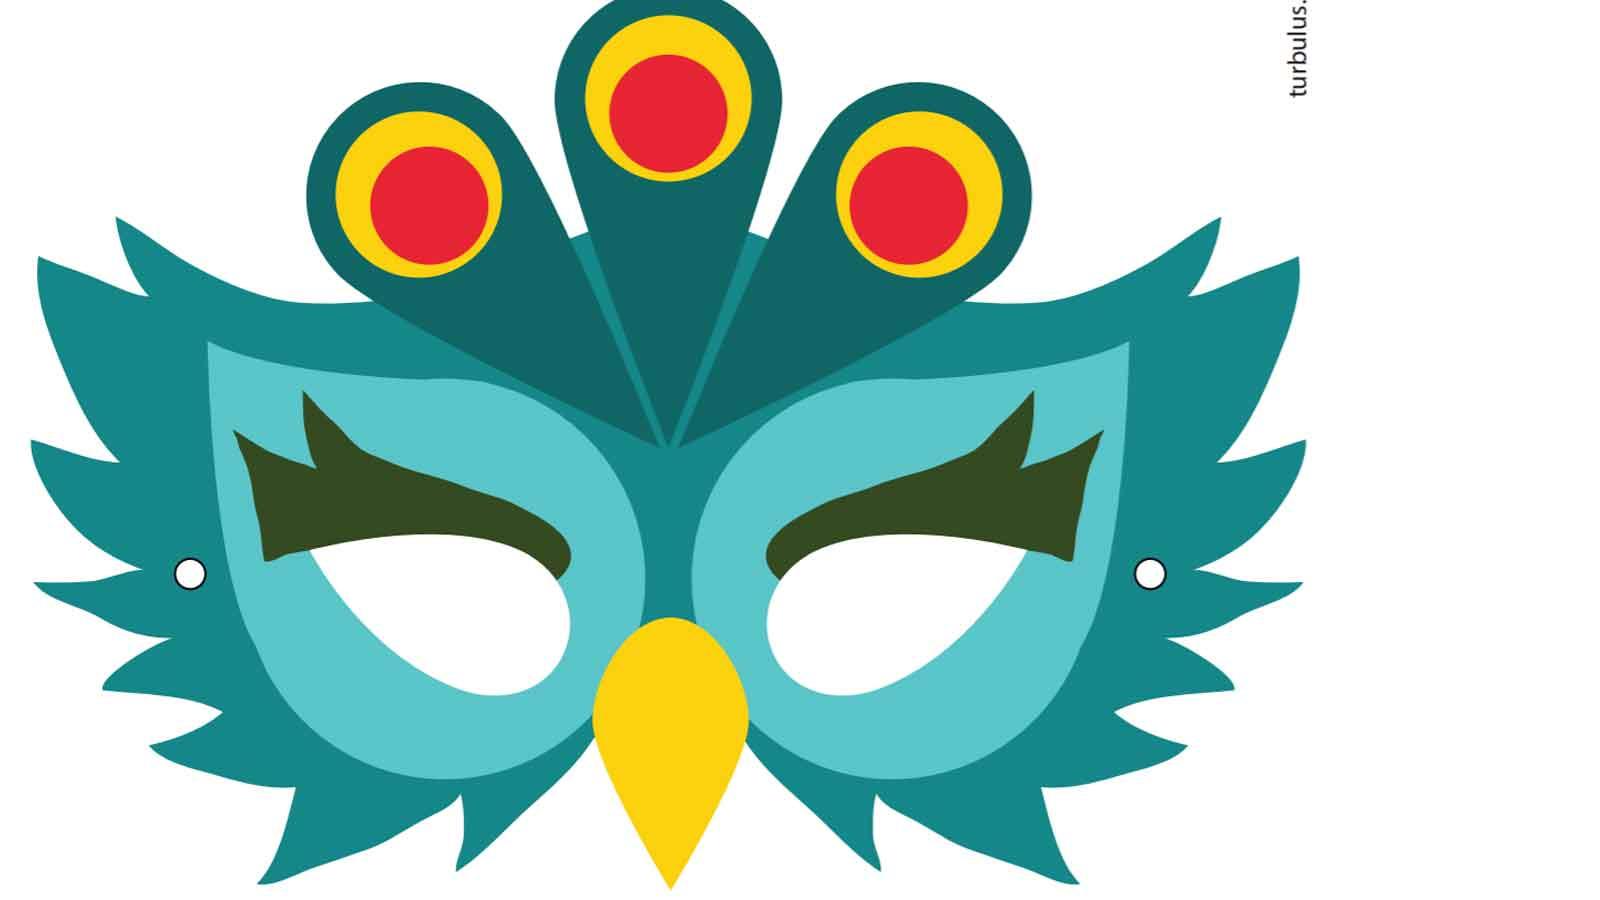 Diy : 19 Masques Gratuits À Imprimer Et Découper Soi-Même intérieur Masque À Imprimer Animaux